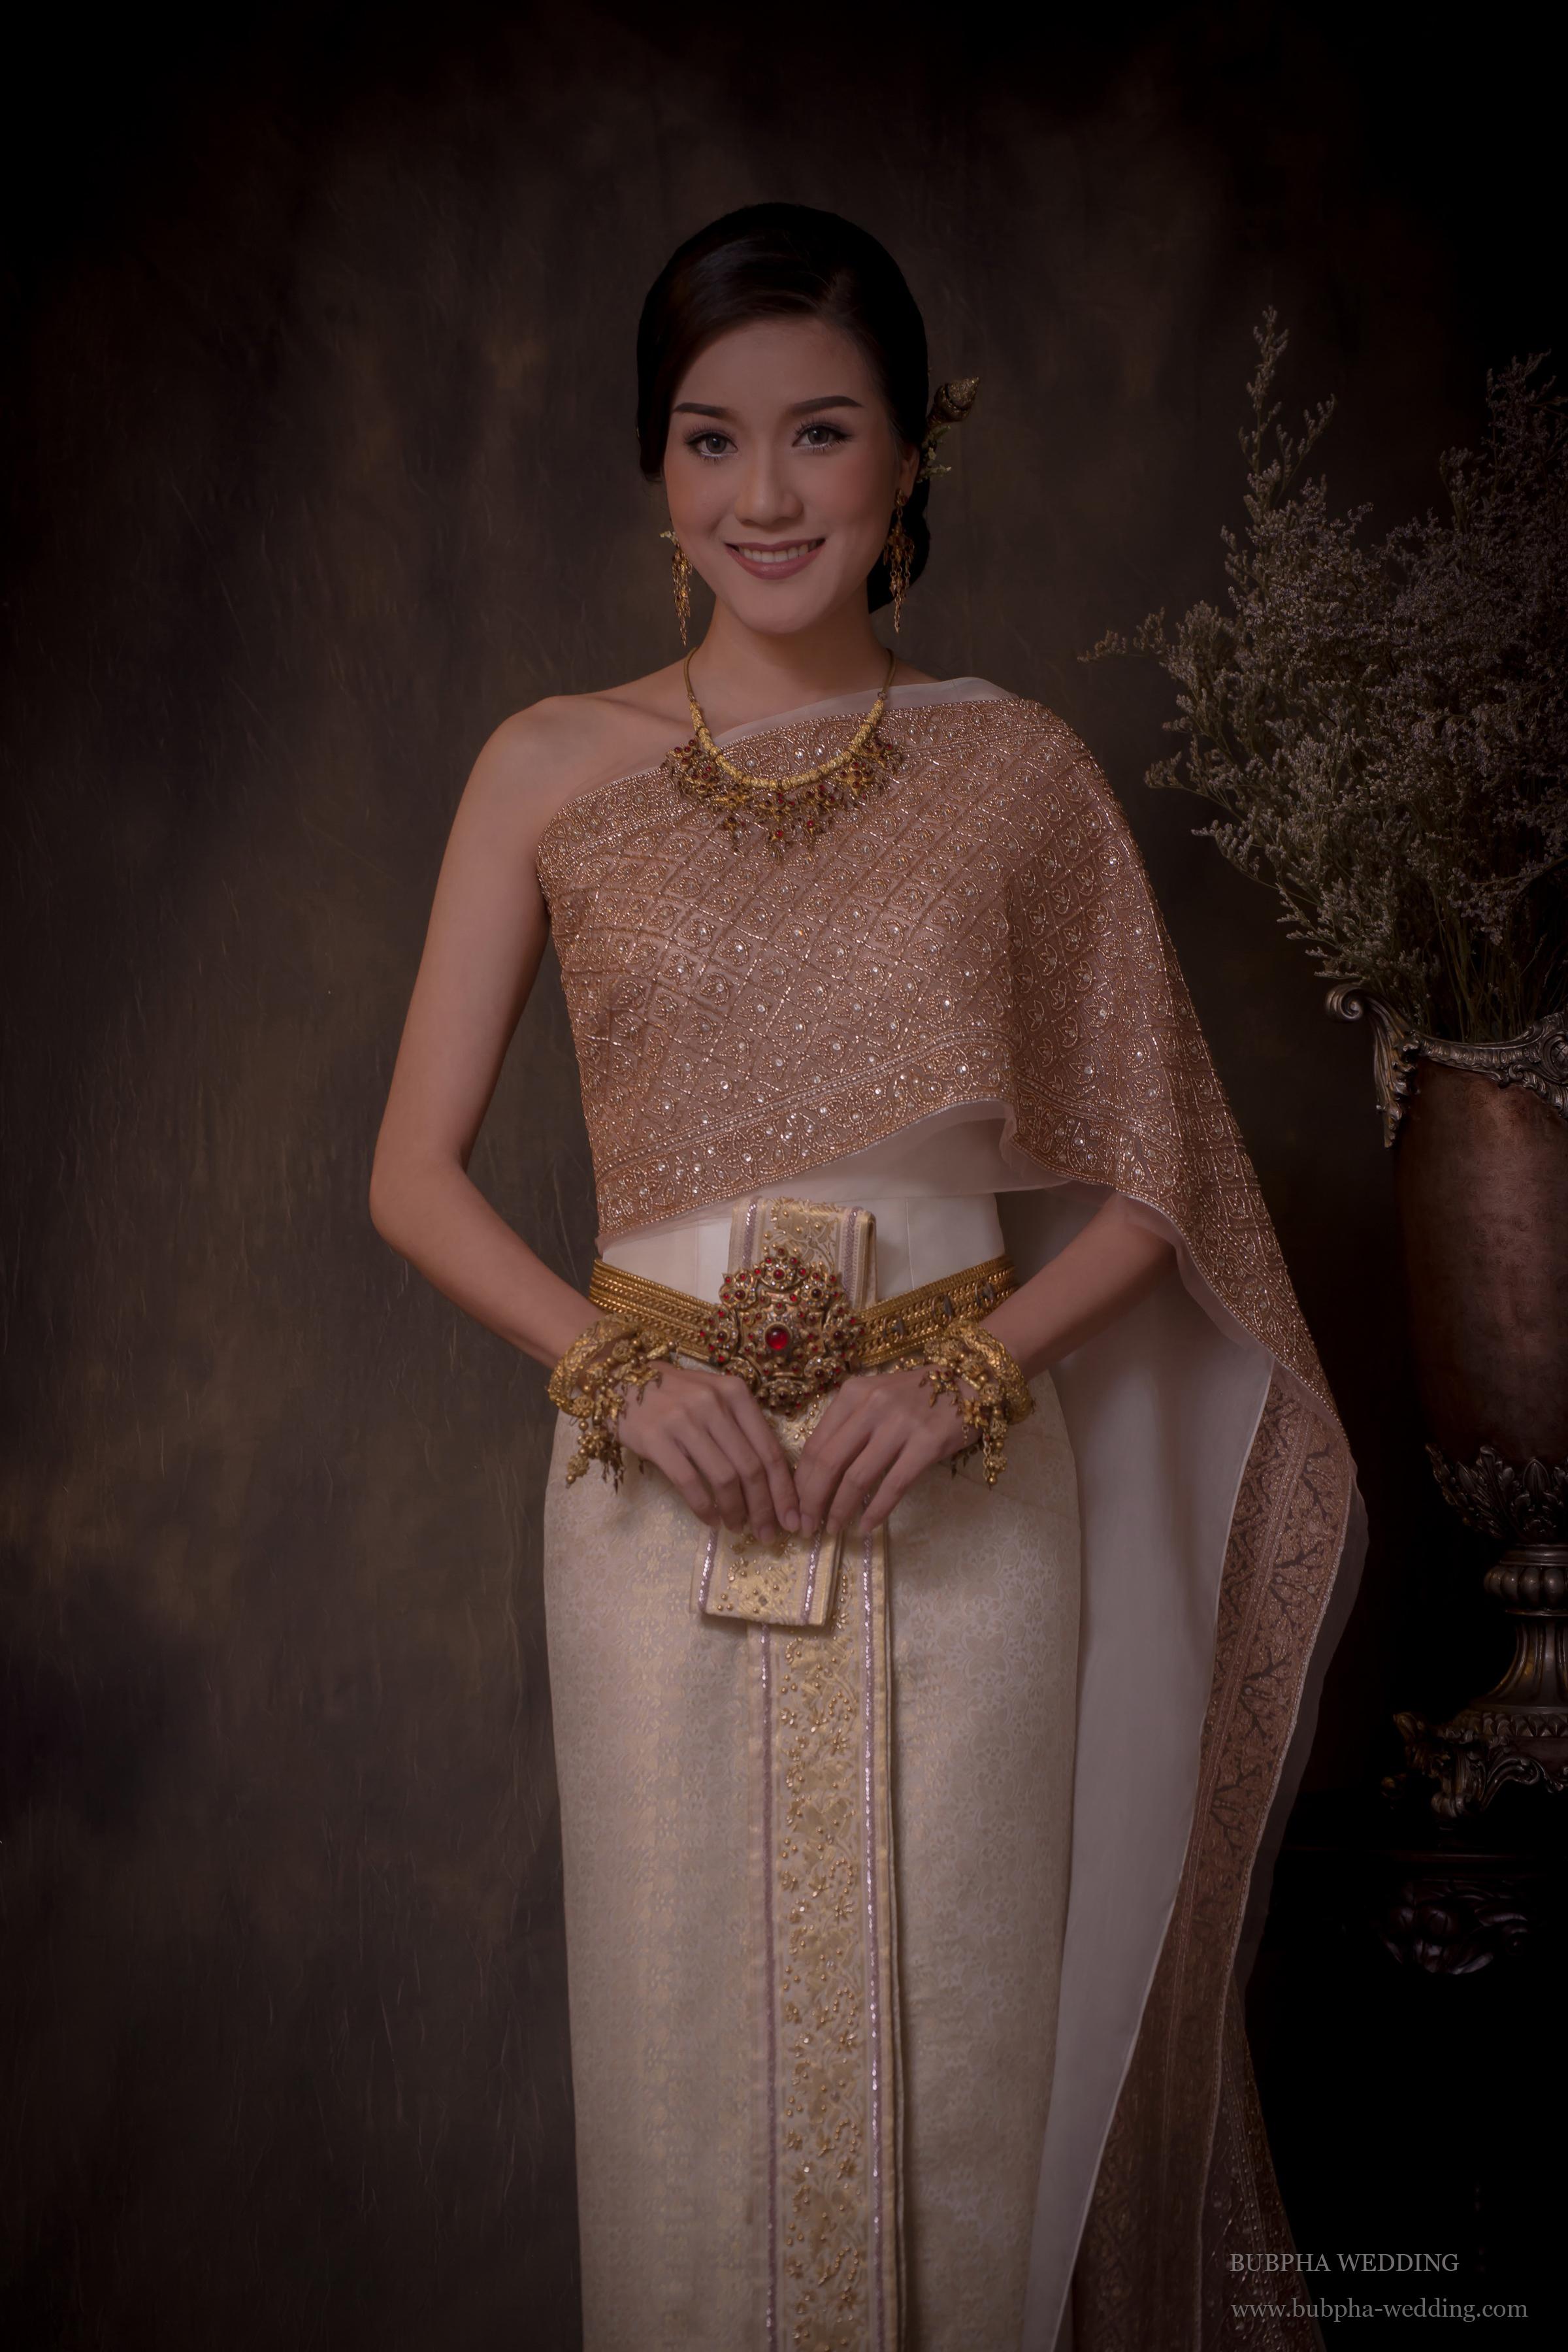 ชุดไทยผ้าโบราณเทียม สีงาช้าง ปักพิ้งโกล์ด ชุดที่  2